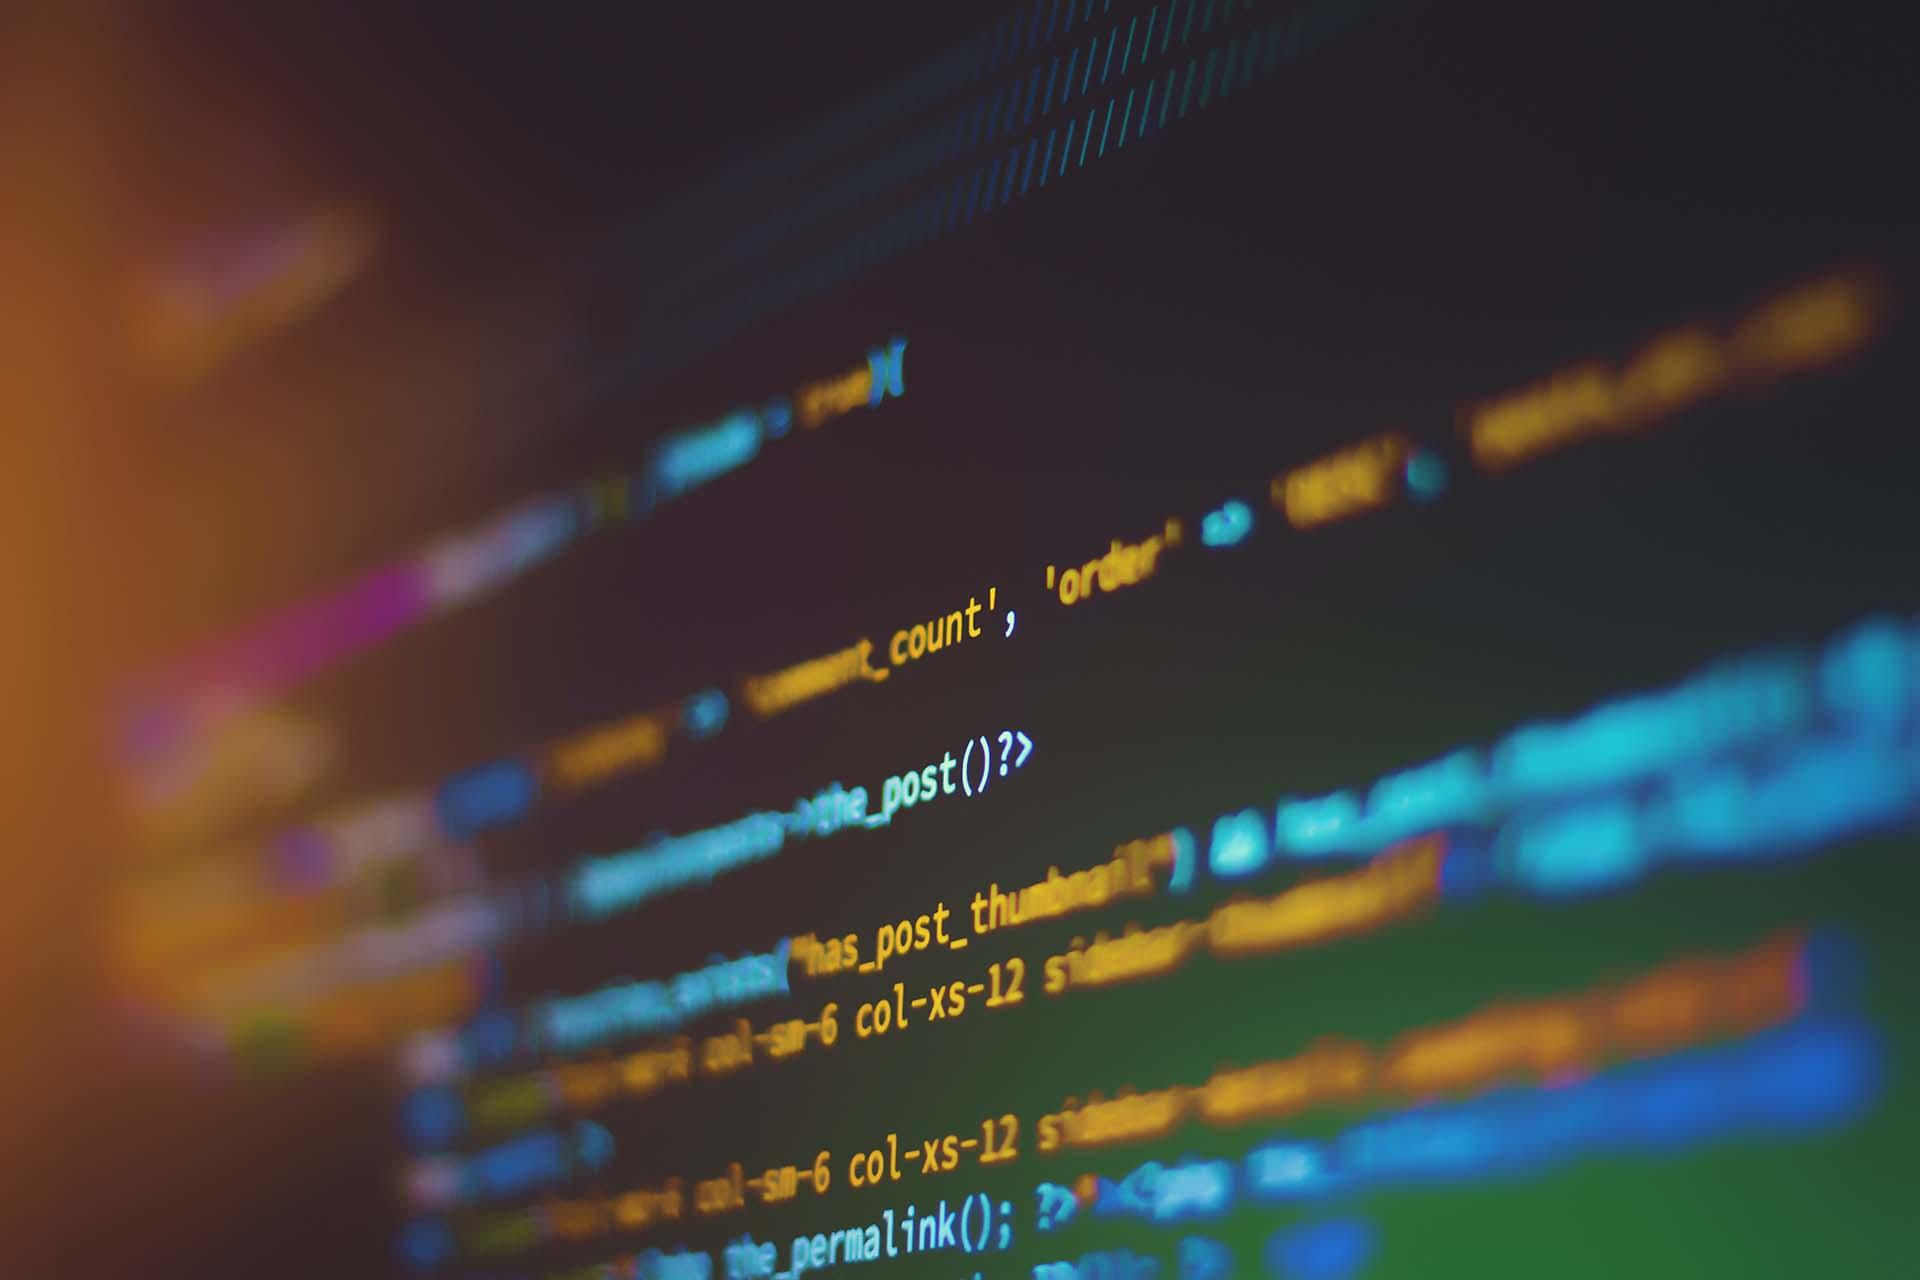 A/B/C/D/E - Einsatzgebiet für Open Source Intelligence zur Landesverteidigung